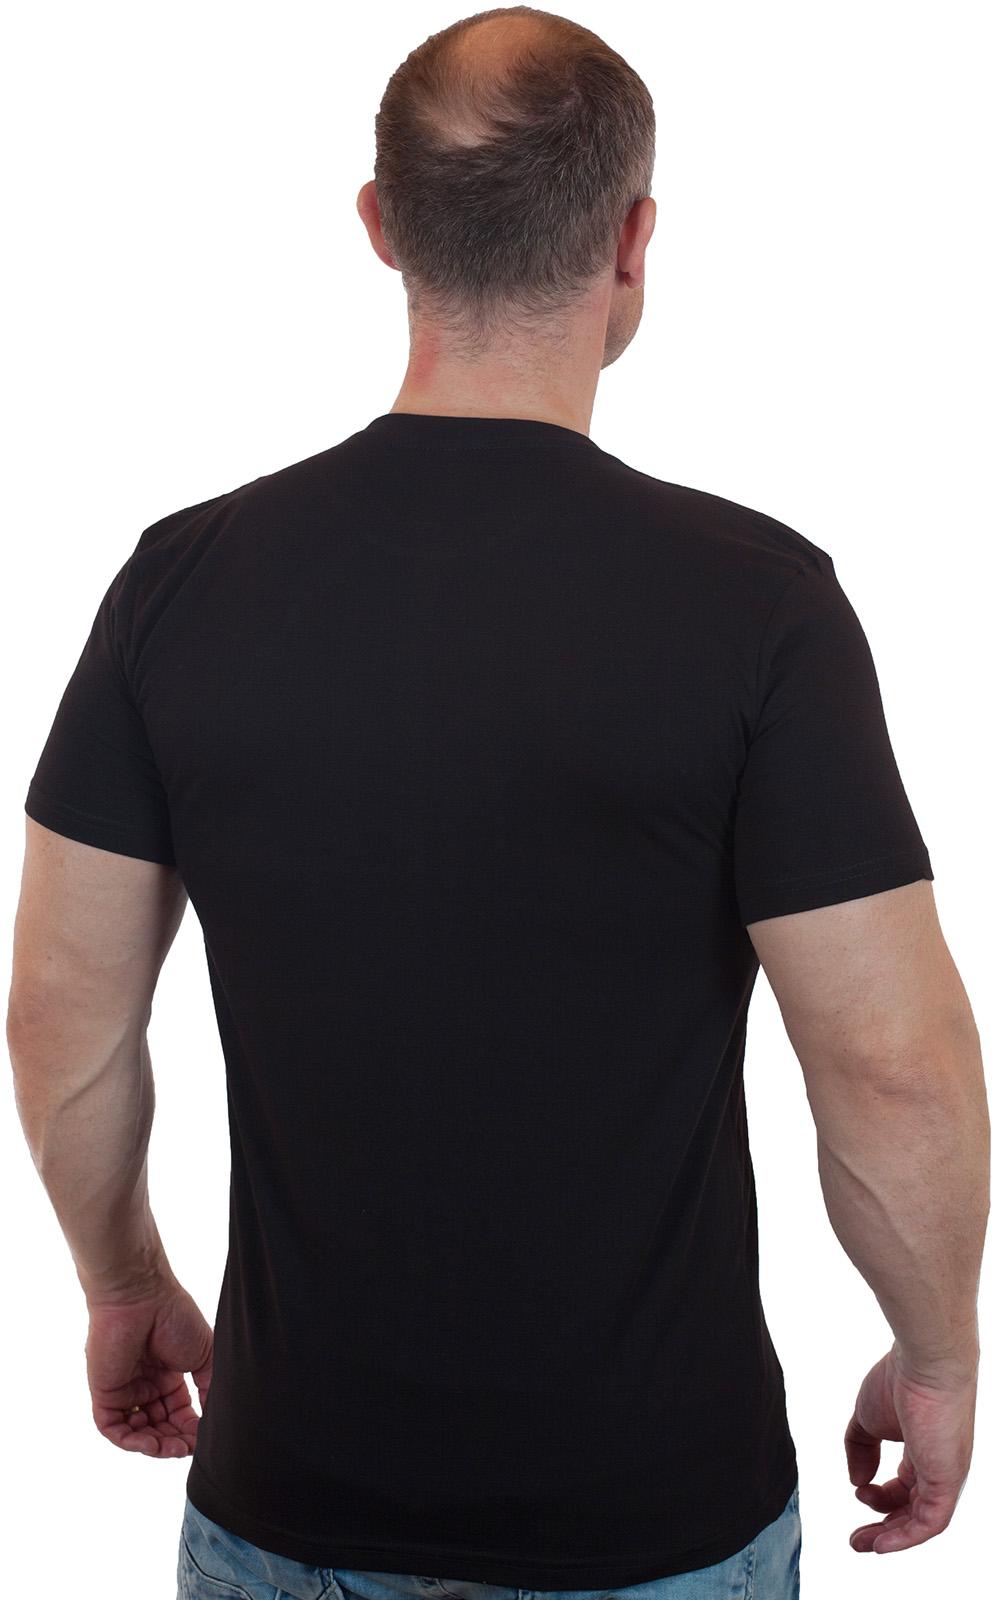 Черная футболка с вышивкой Калининградская группа погранвойск - заказать оптом